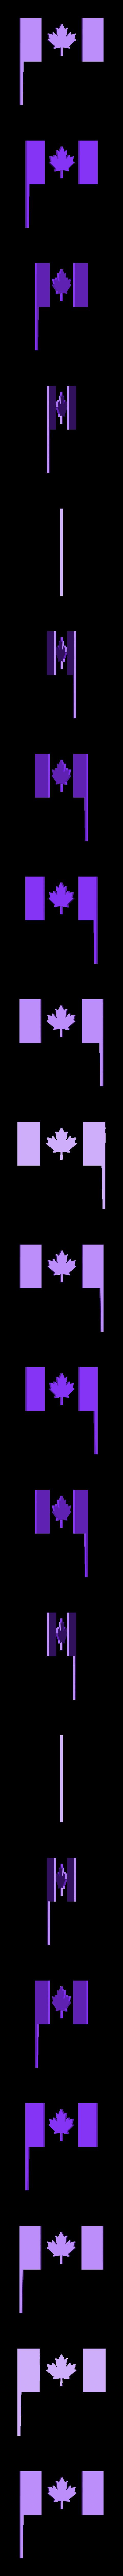 flag_red.STL Télécharger fichier STL gratuit Canada Party Party Pack • Design à imprimer en 3D, MosaicManufacturing